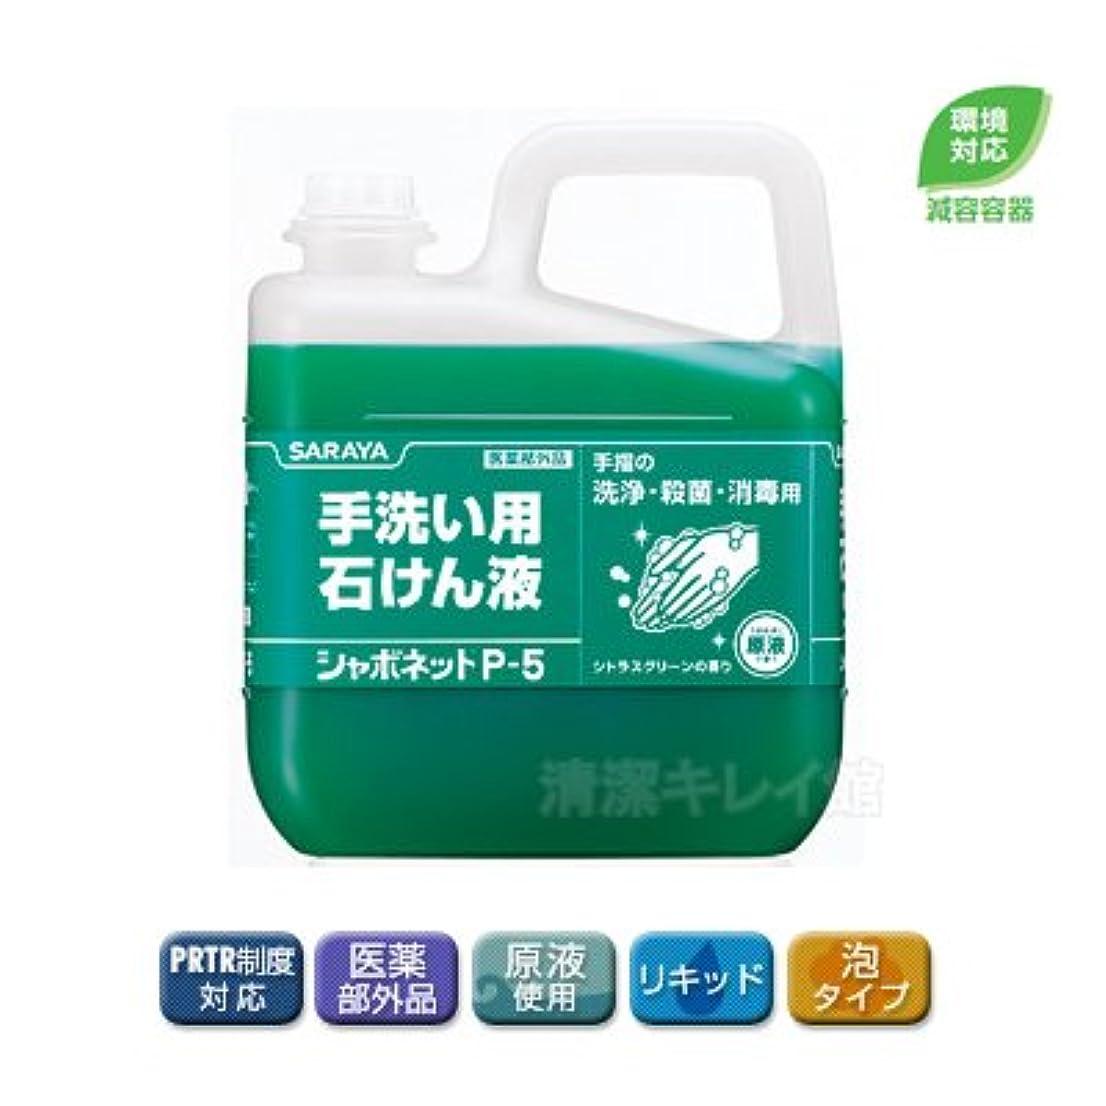 サイクロプス銀河アスペクト【清潔キレイ館】サラヤ シャボネット石鹸液P-5(5kg)